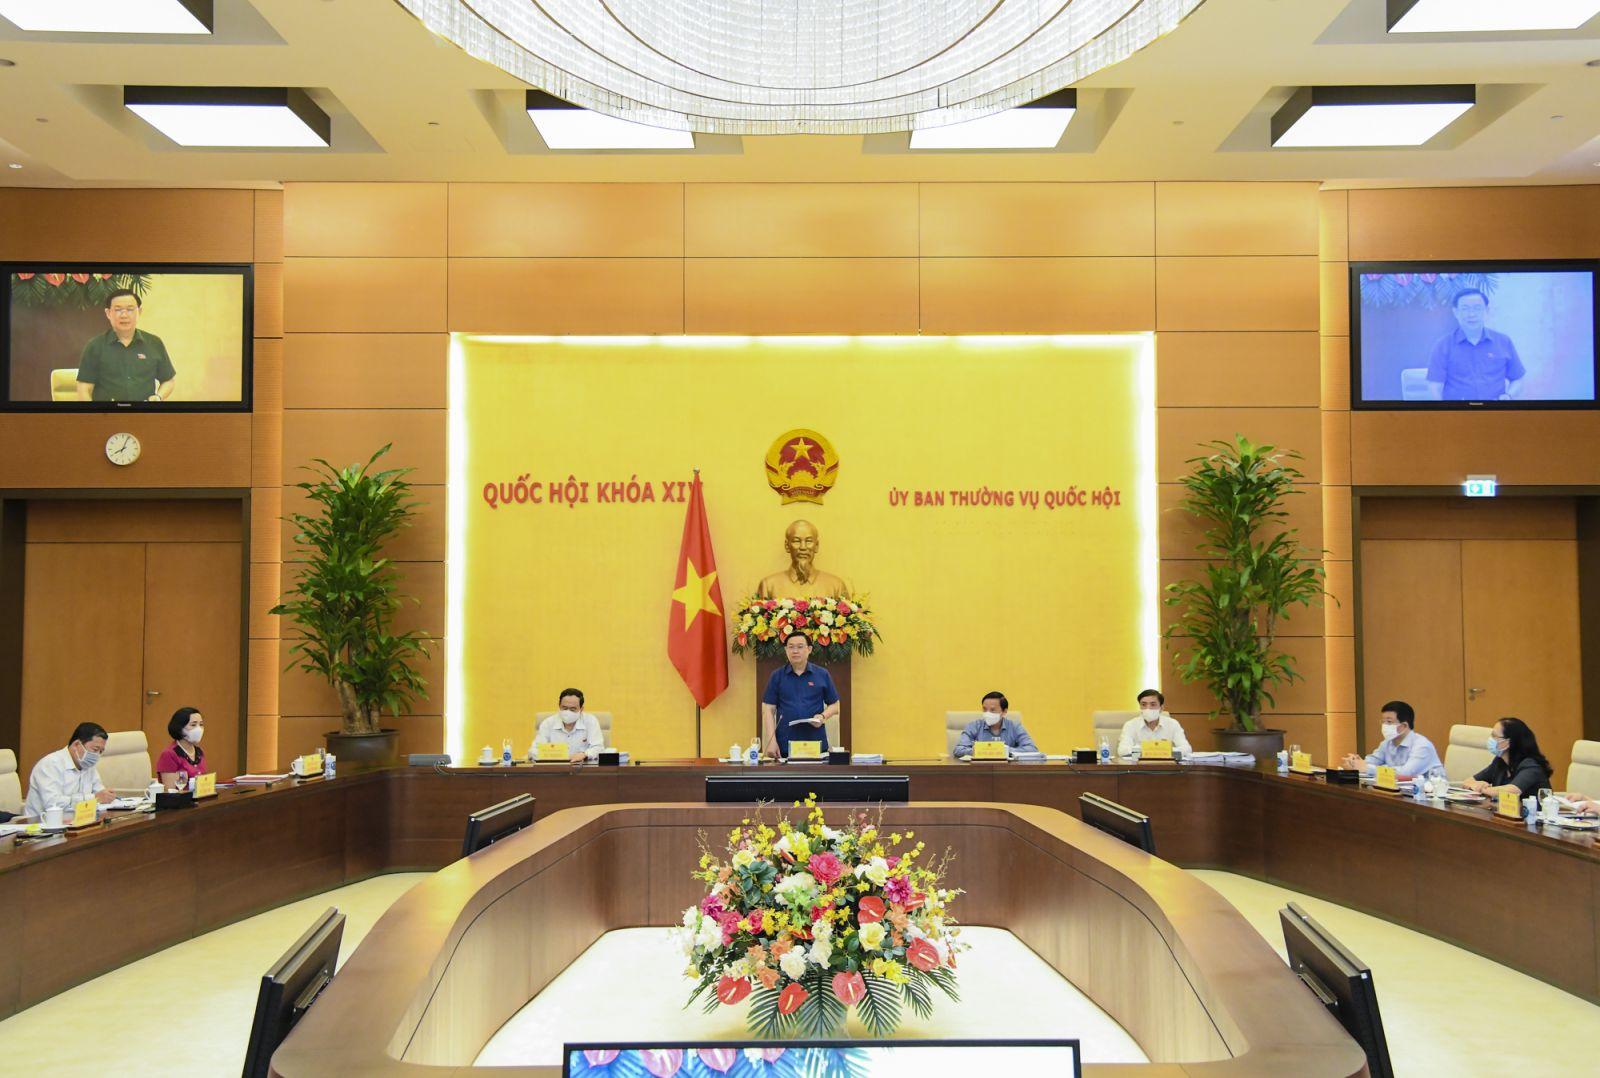 Chủ tịch Quốc hội Vương Đình Huệ làm việc với Lãnh đạo Văn phòng Quốc hội.